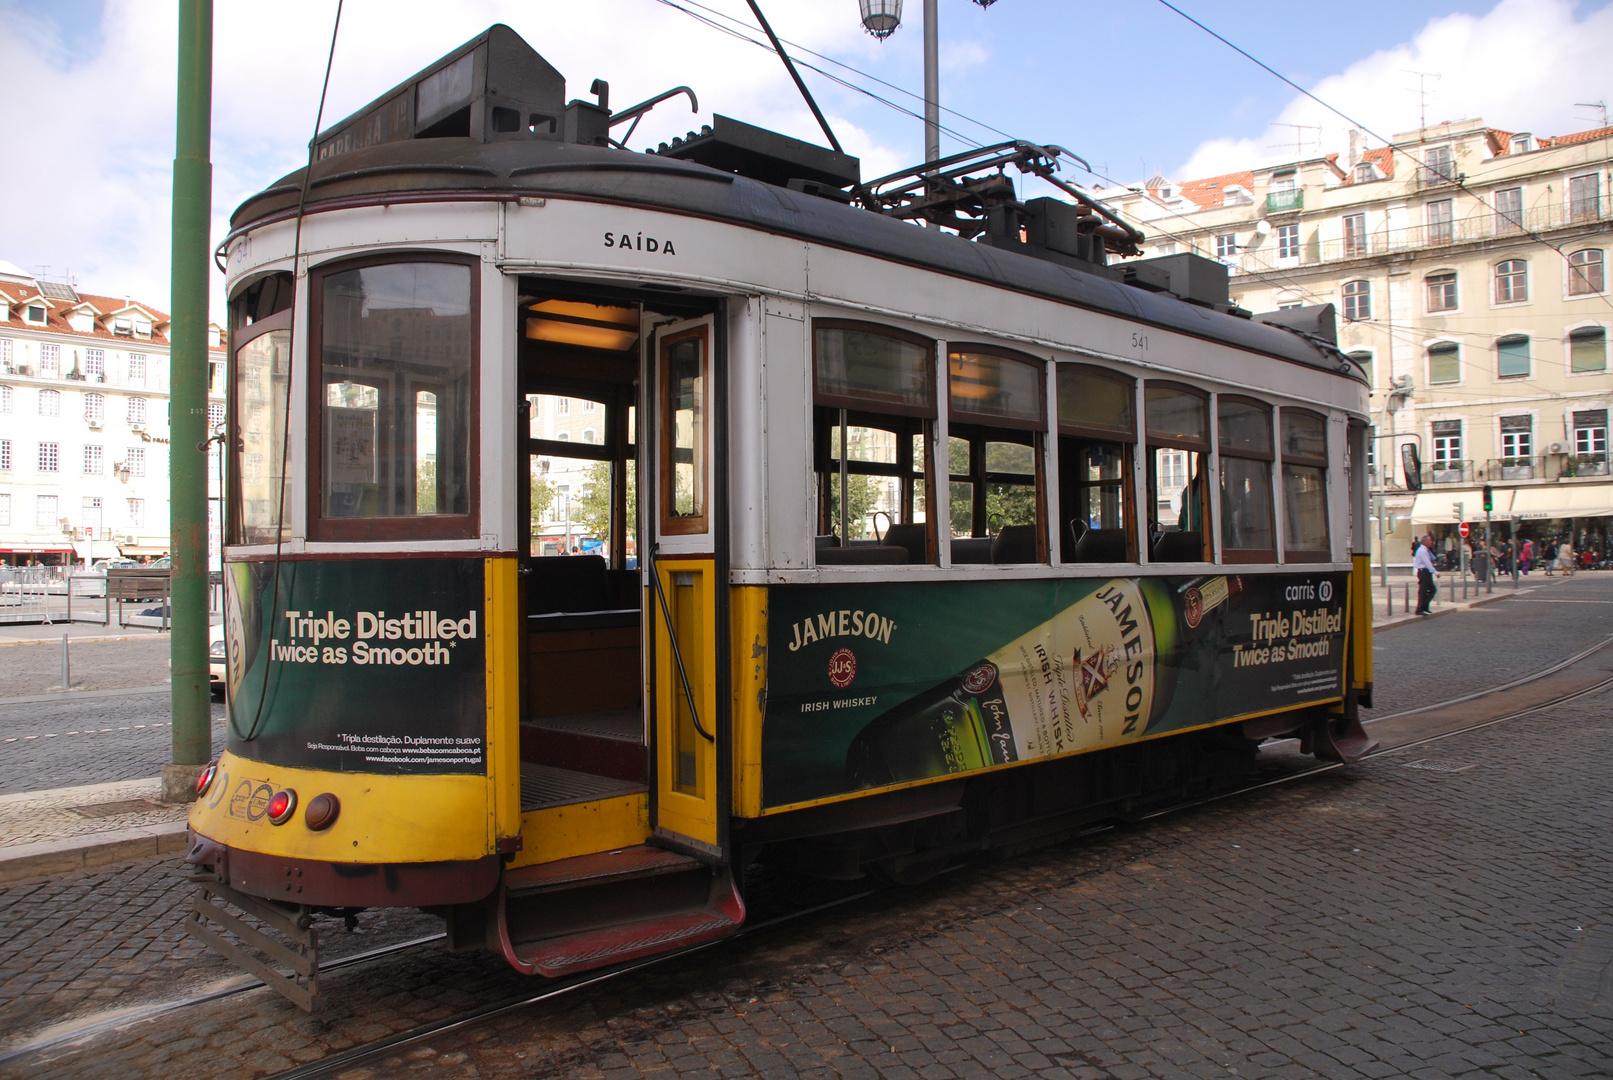 die gute alte Straßenbahn